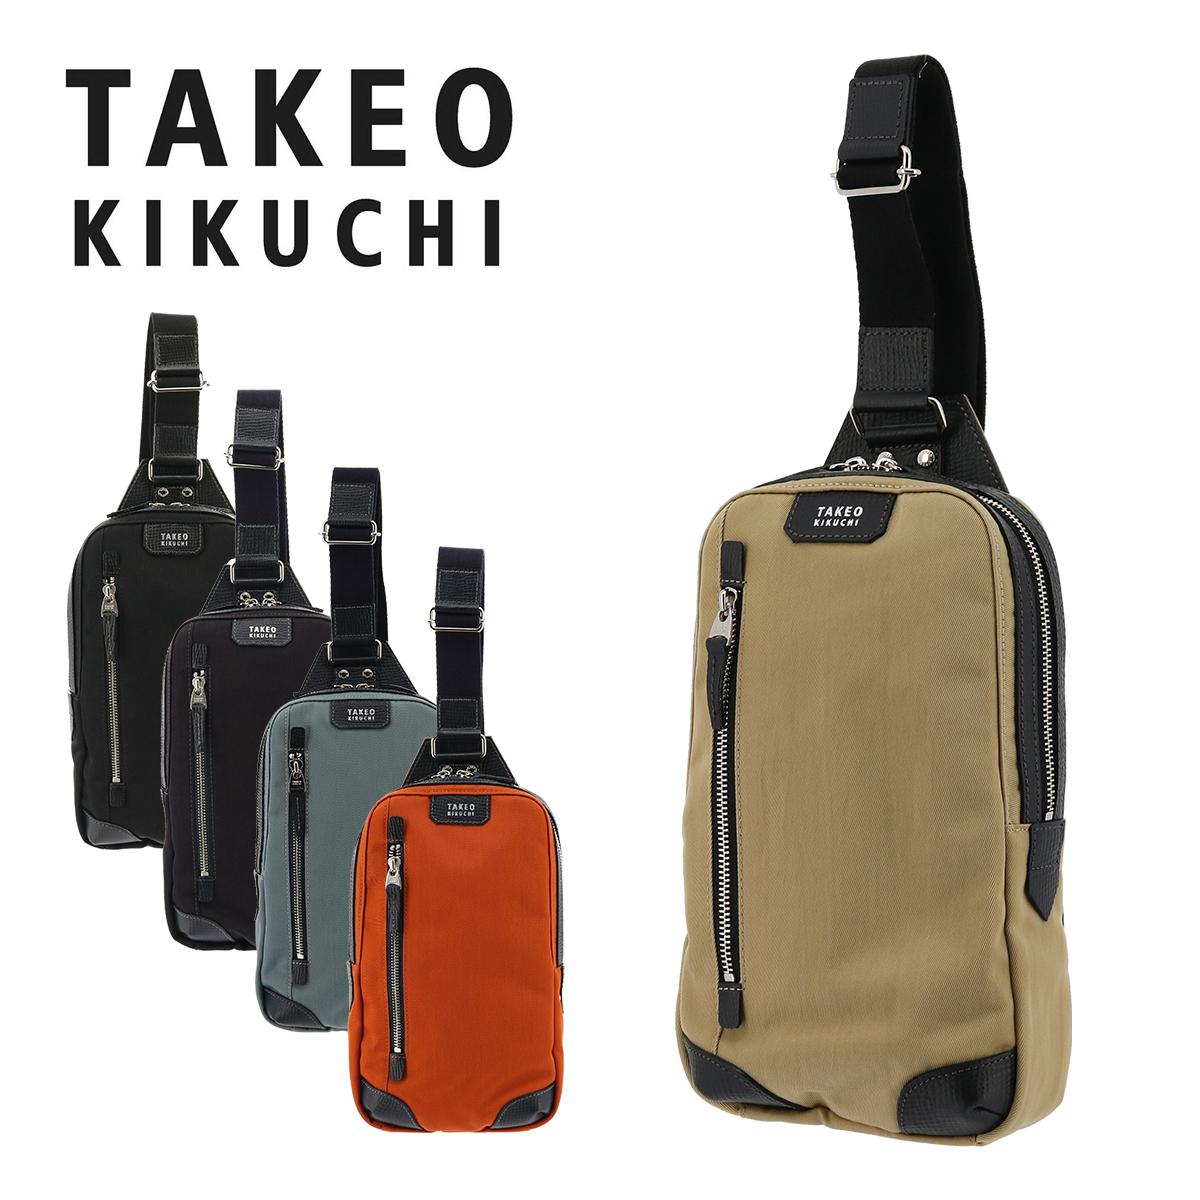 ボディバッグ タケオキクチ オリオン メンズ 741912 日本製 TAKEO KIKUCHI | ワンショルダー 撥水 キクチタケオ [PO5][bef]